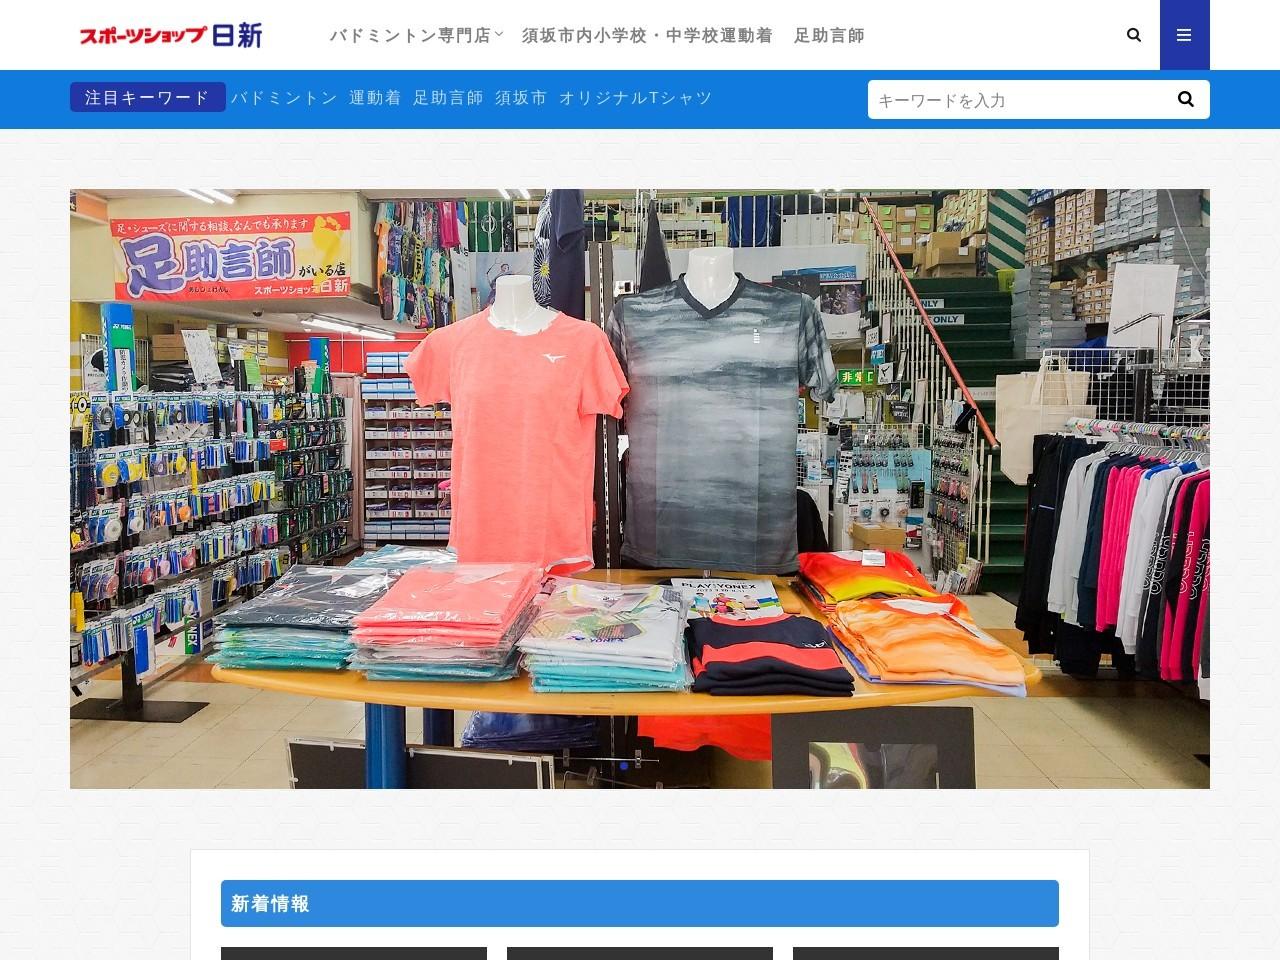 スポーツショップ日新